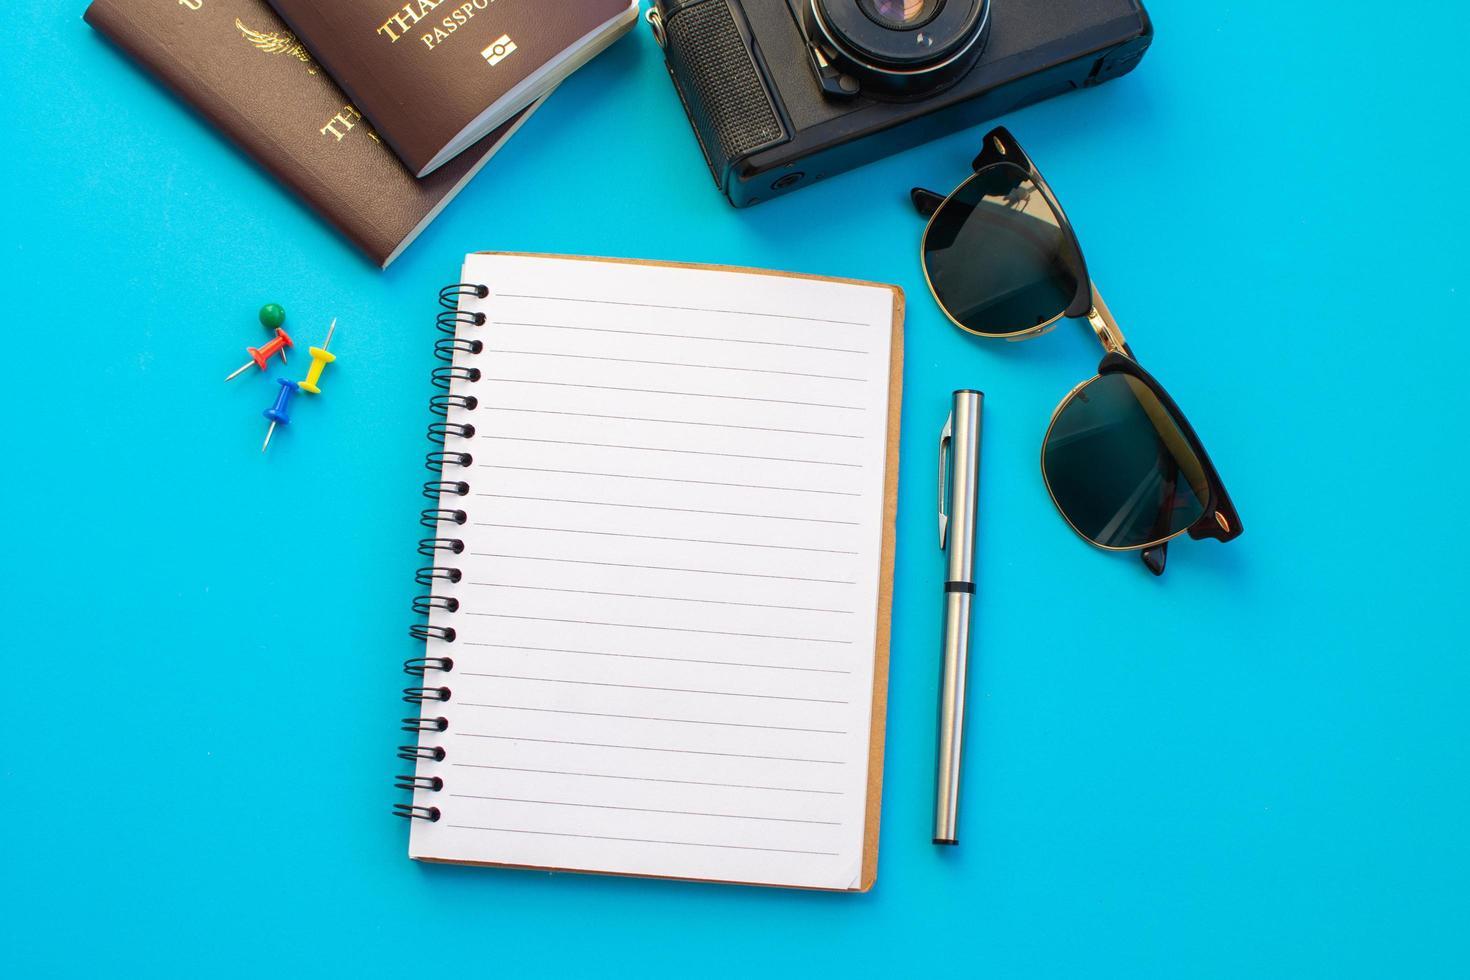 plat lag notebook omgeven door reisartikelen foto